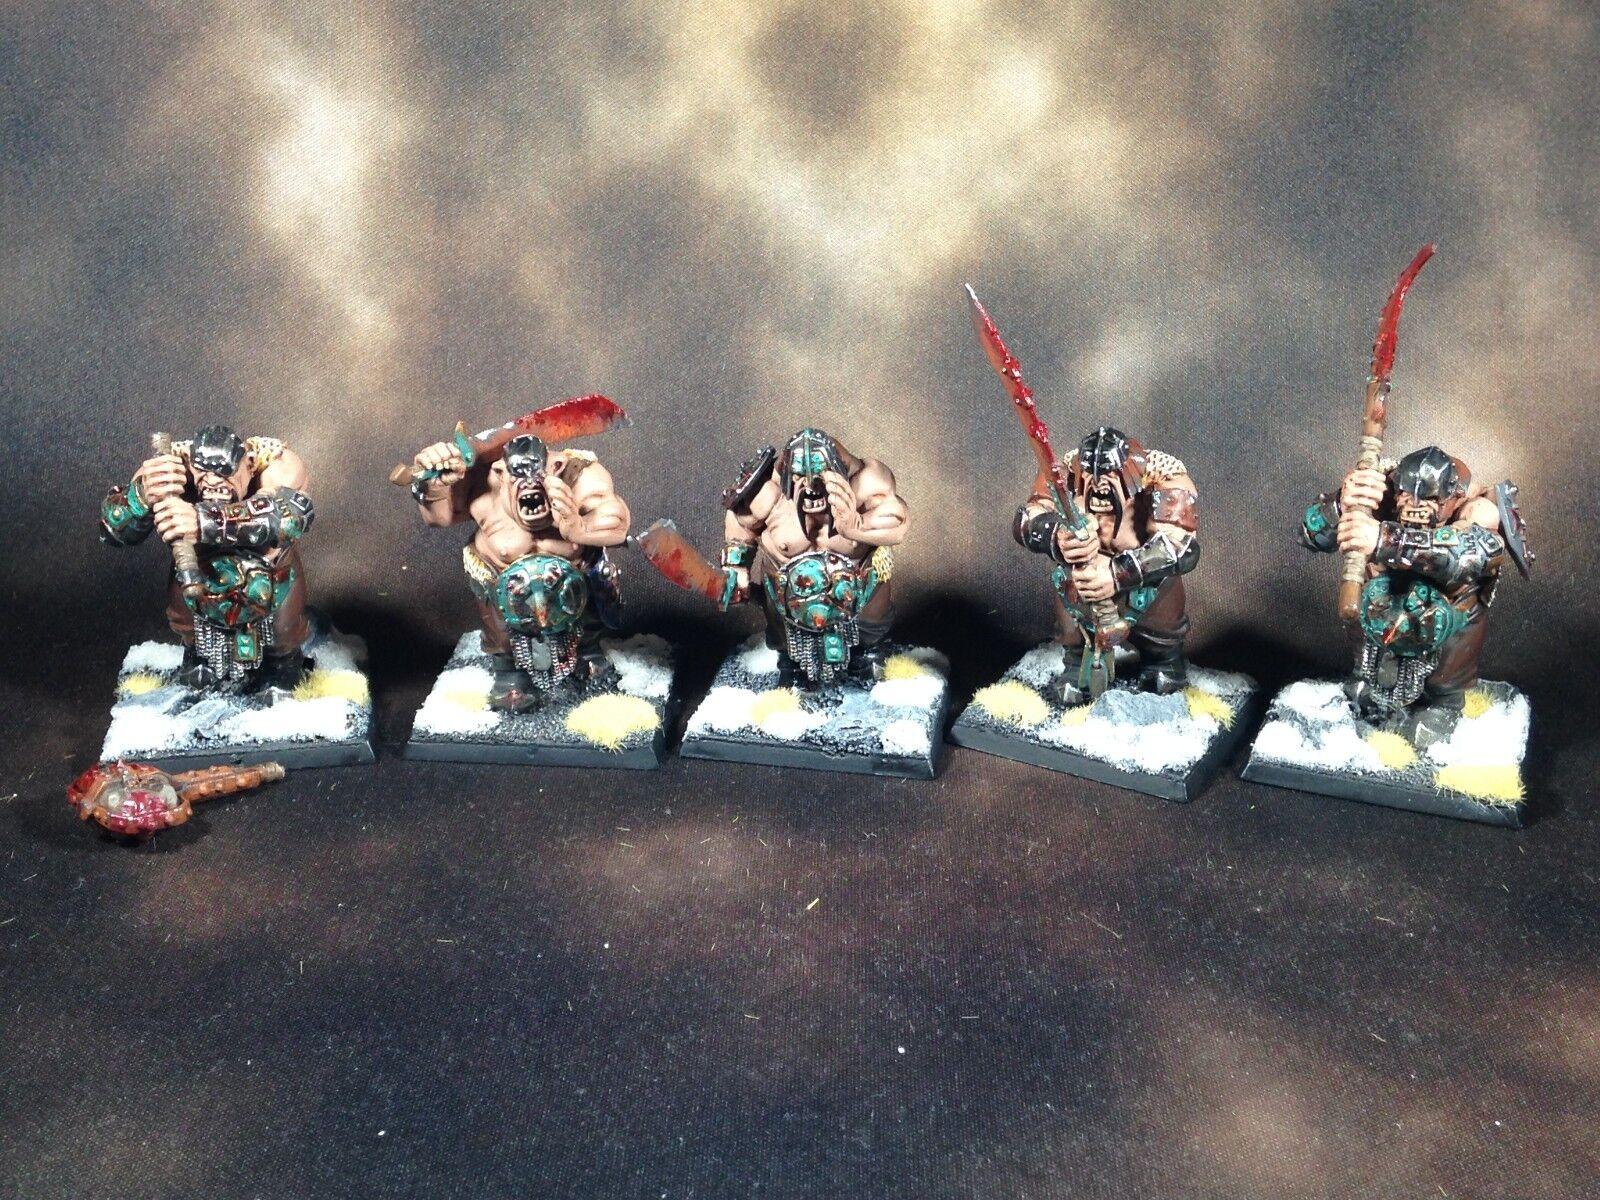 Warhammer fantasy aos zerstörung oger königreiche ironguts gemalt